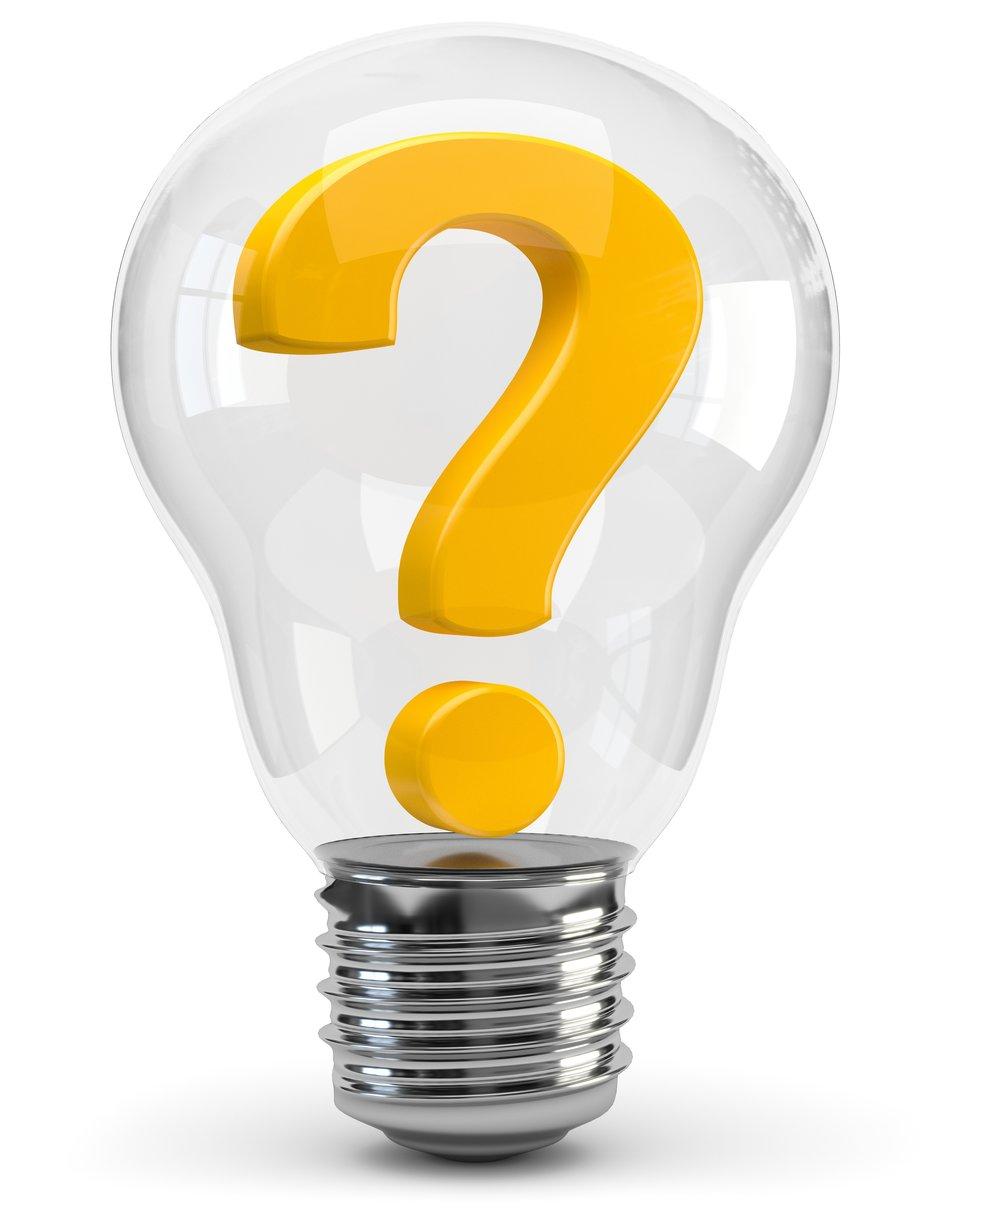 light-bulb-1002783.jpg